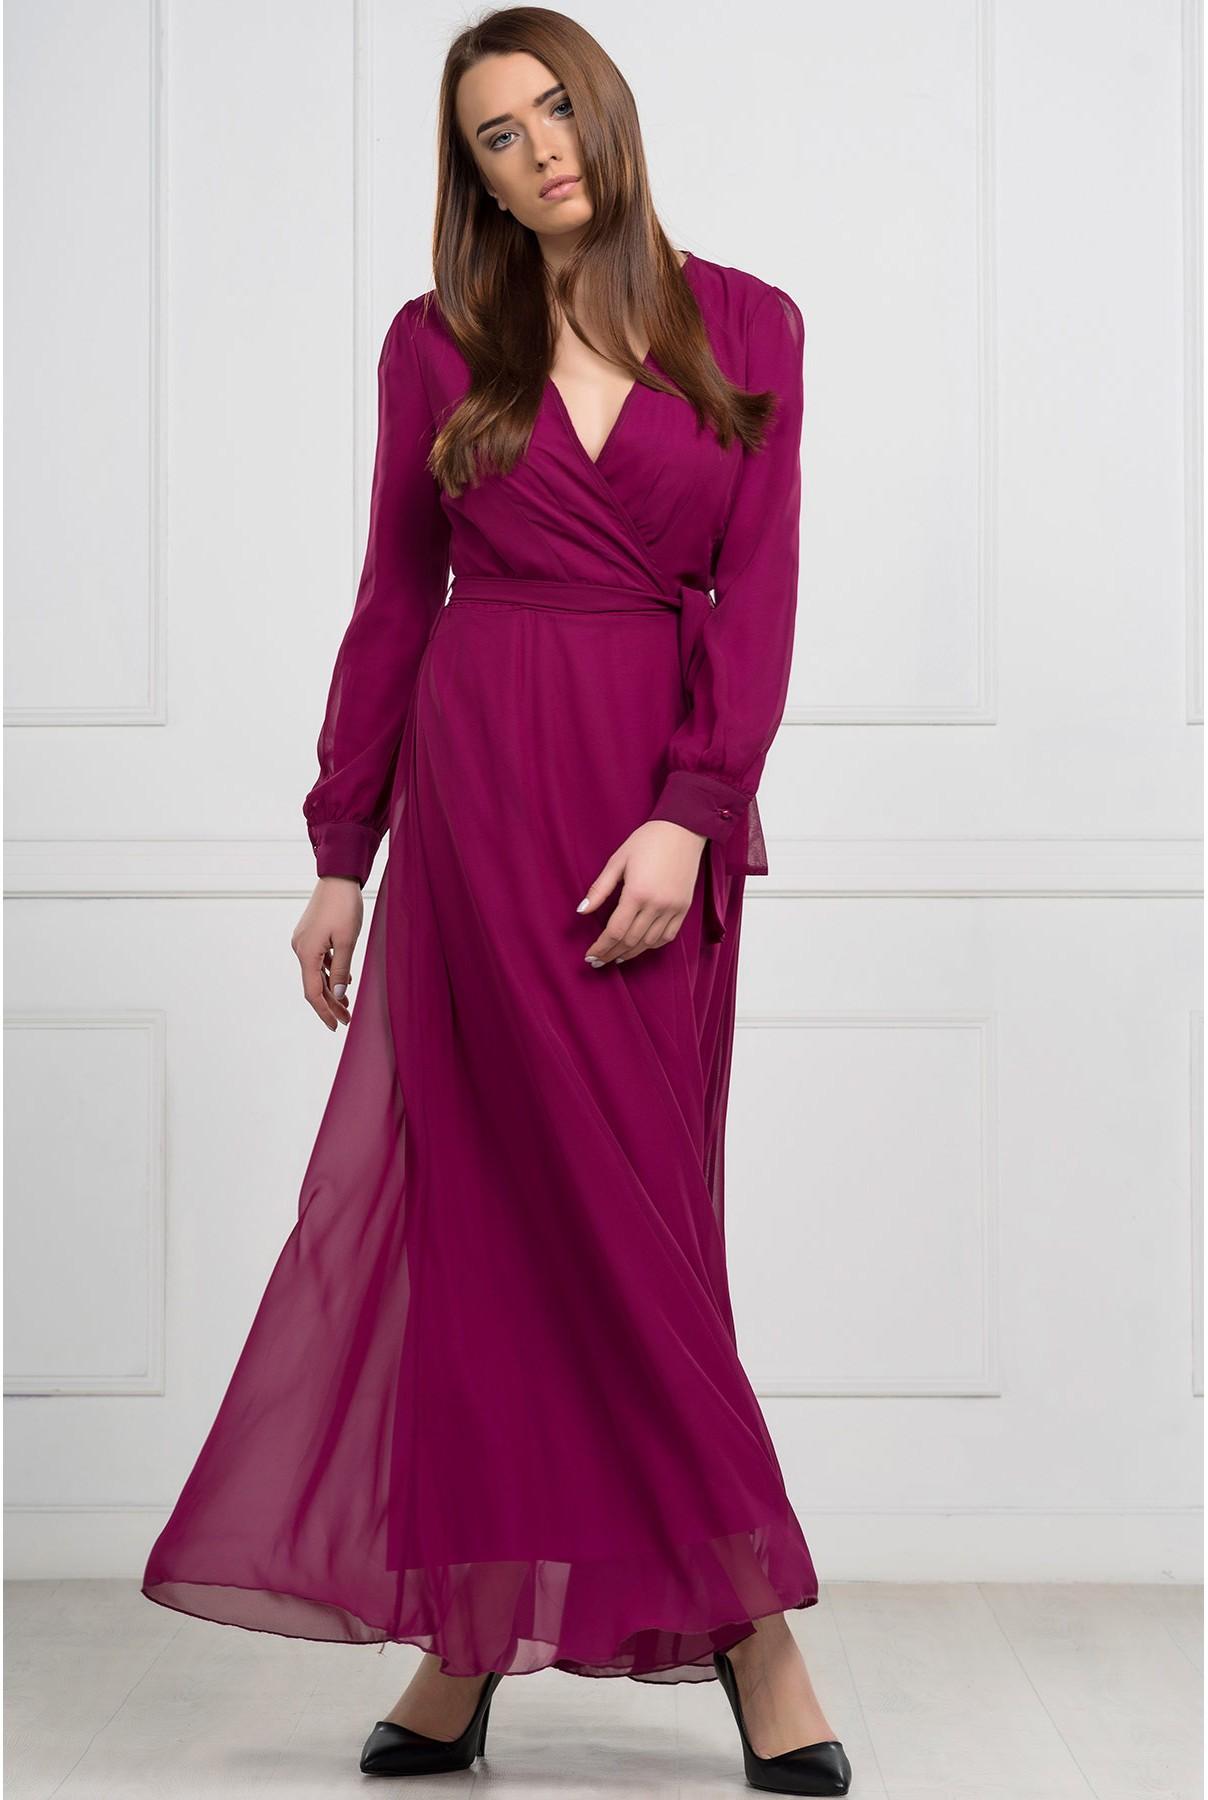 تصميم مميز لفستان تركي يناسب المحجبات